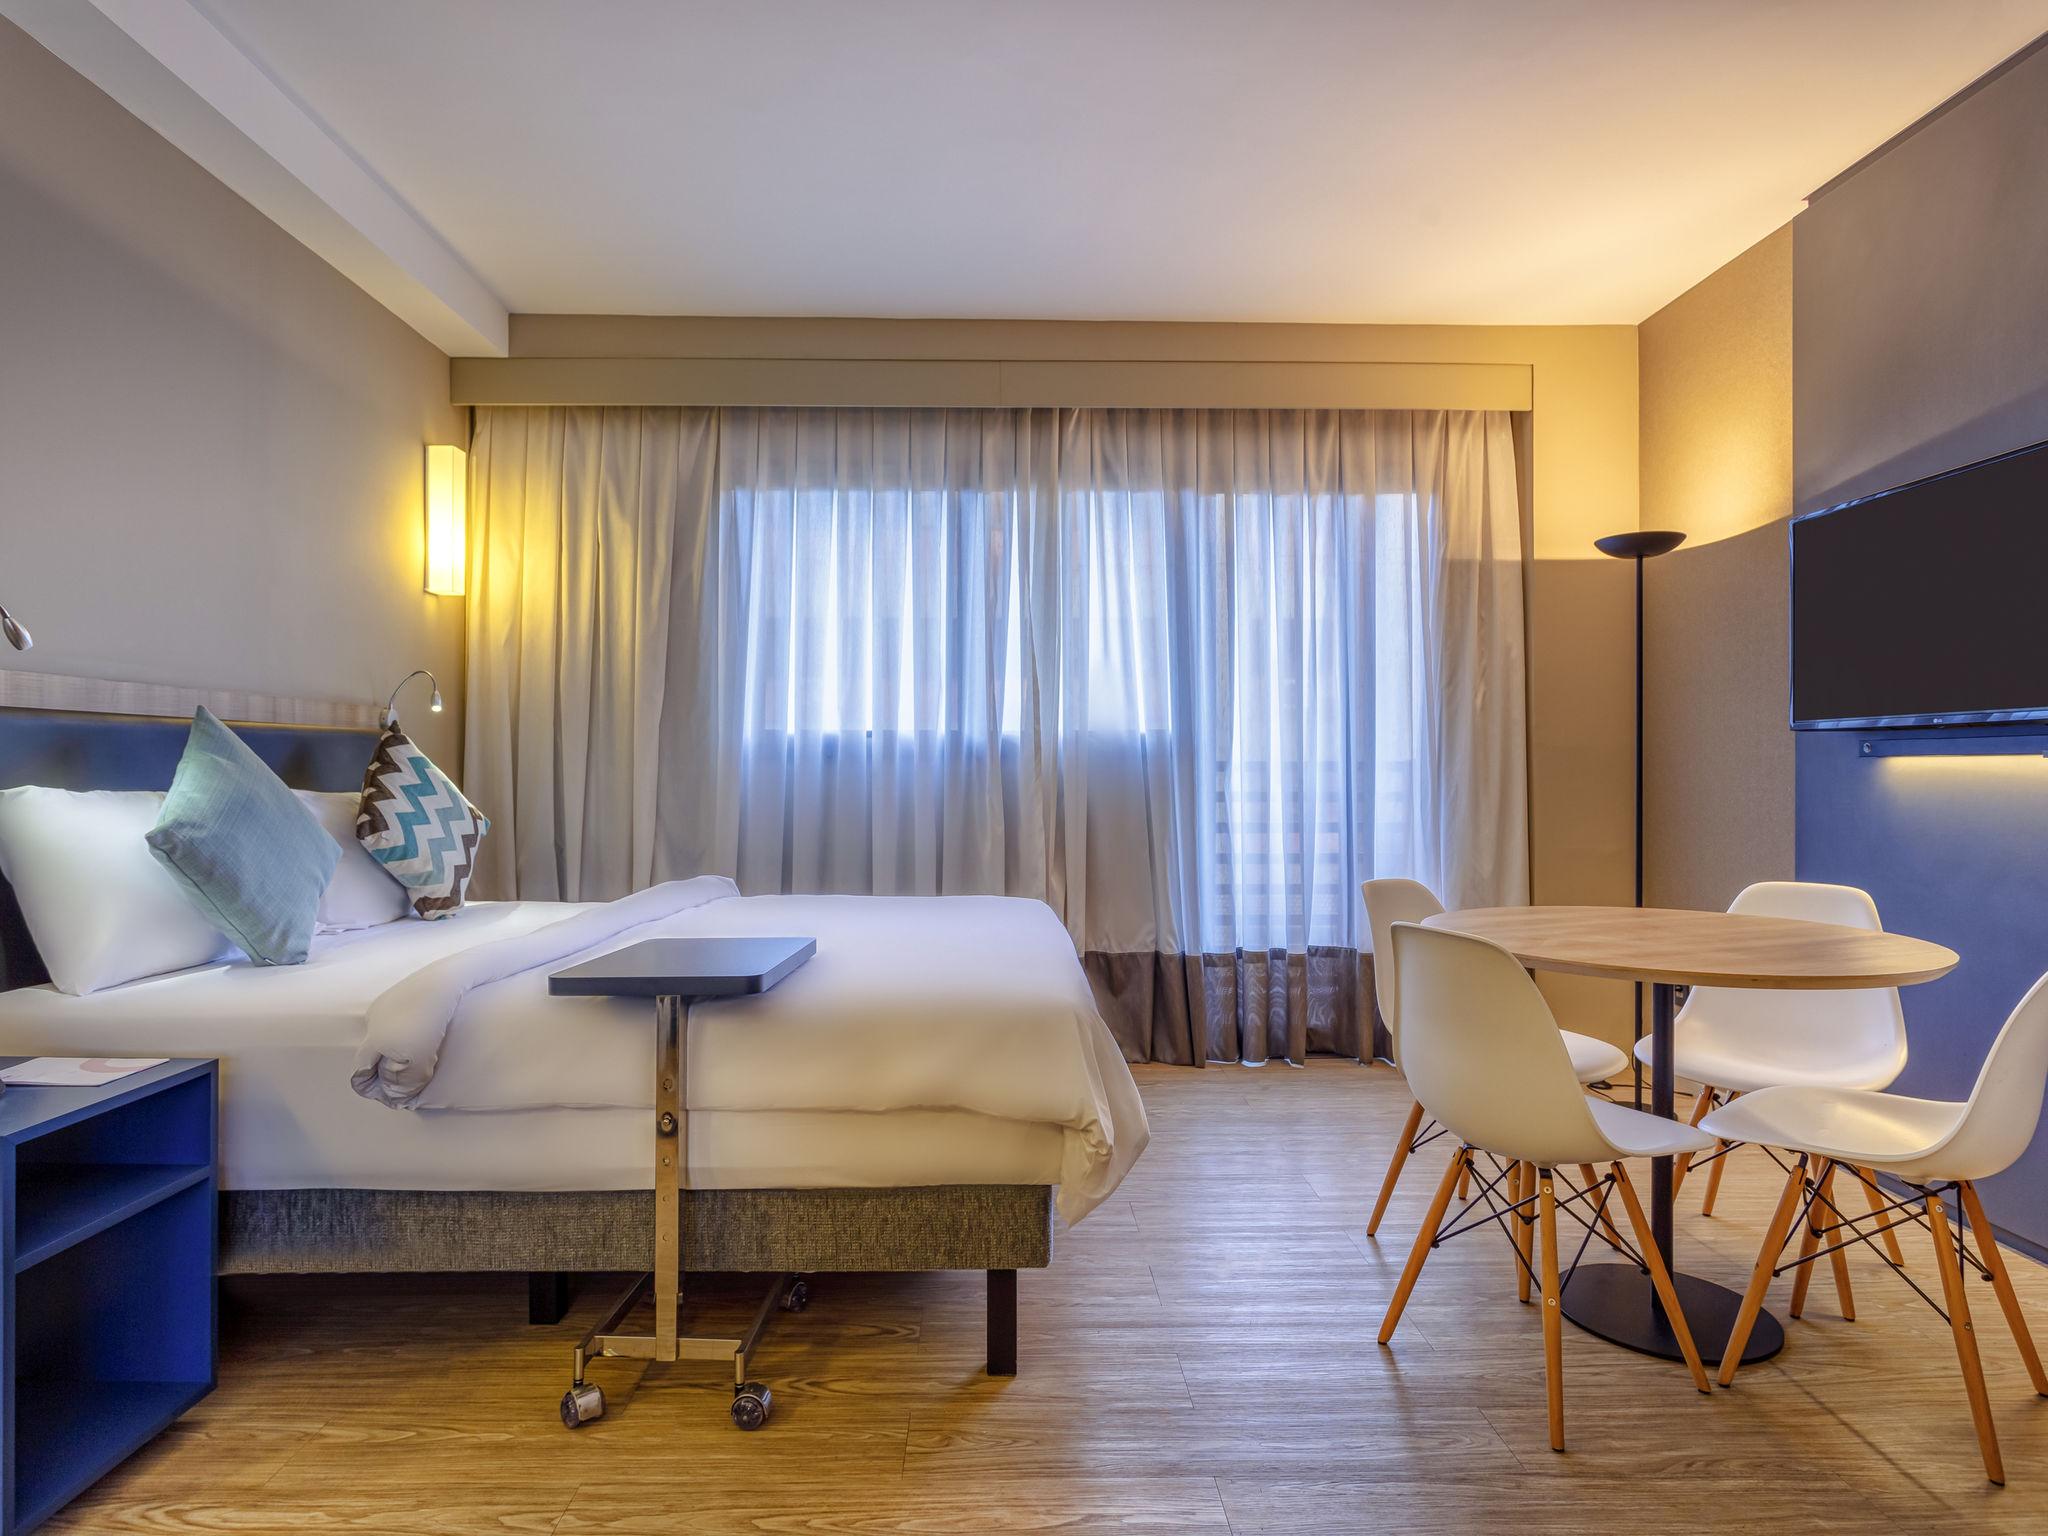 Hotel em barueri aparthotel adagio alphaville for Adagio portugal